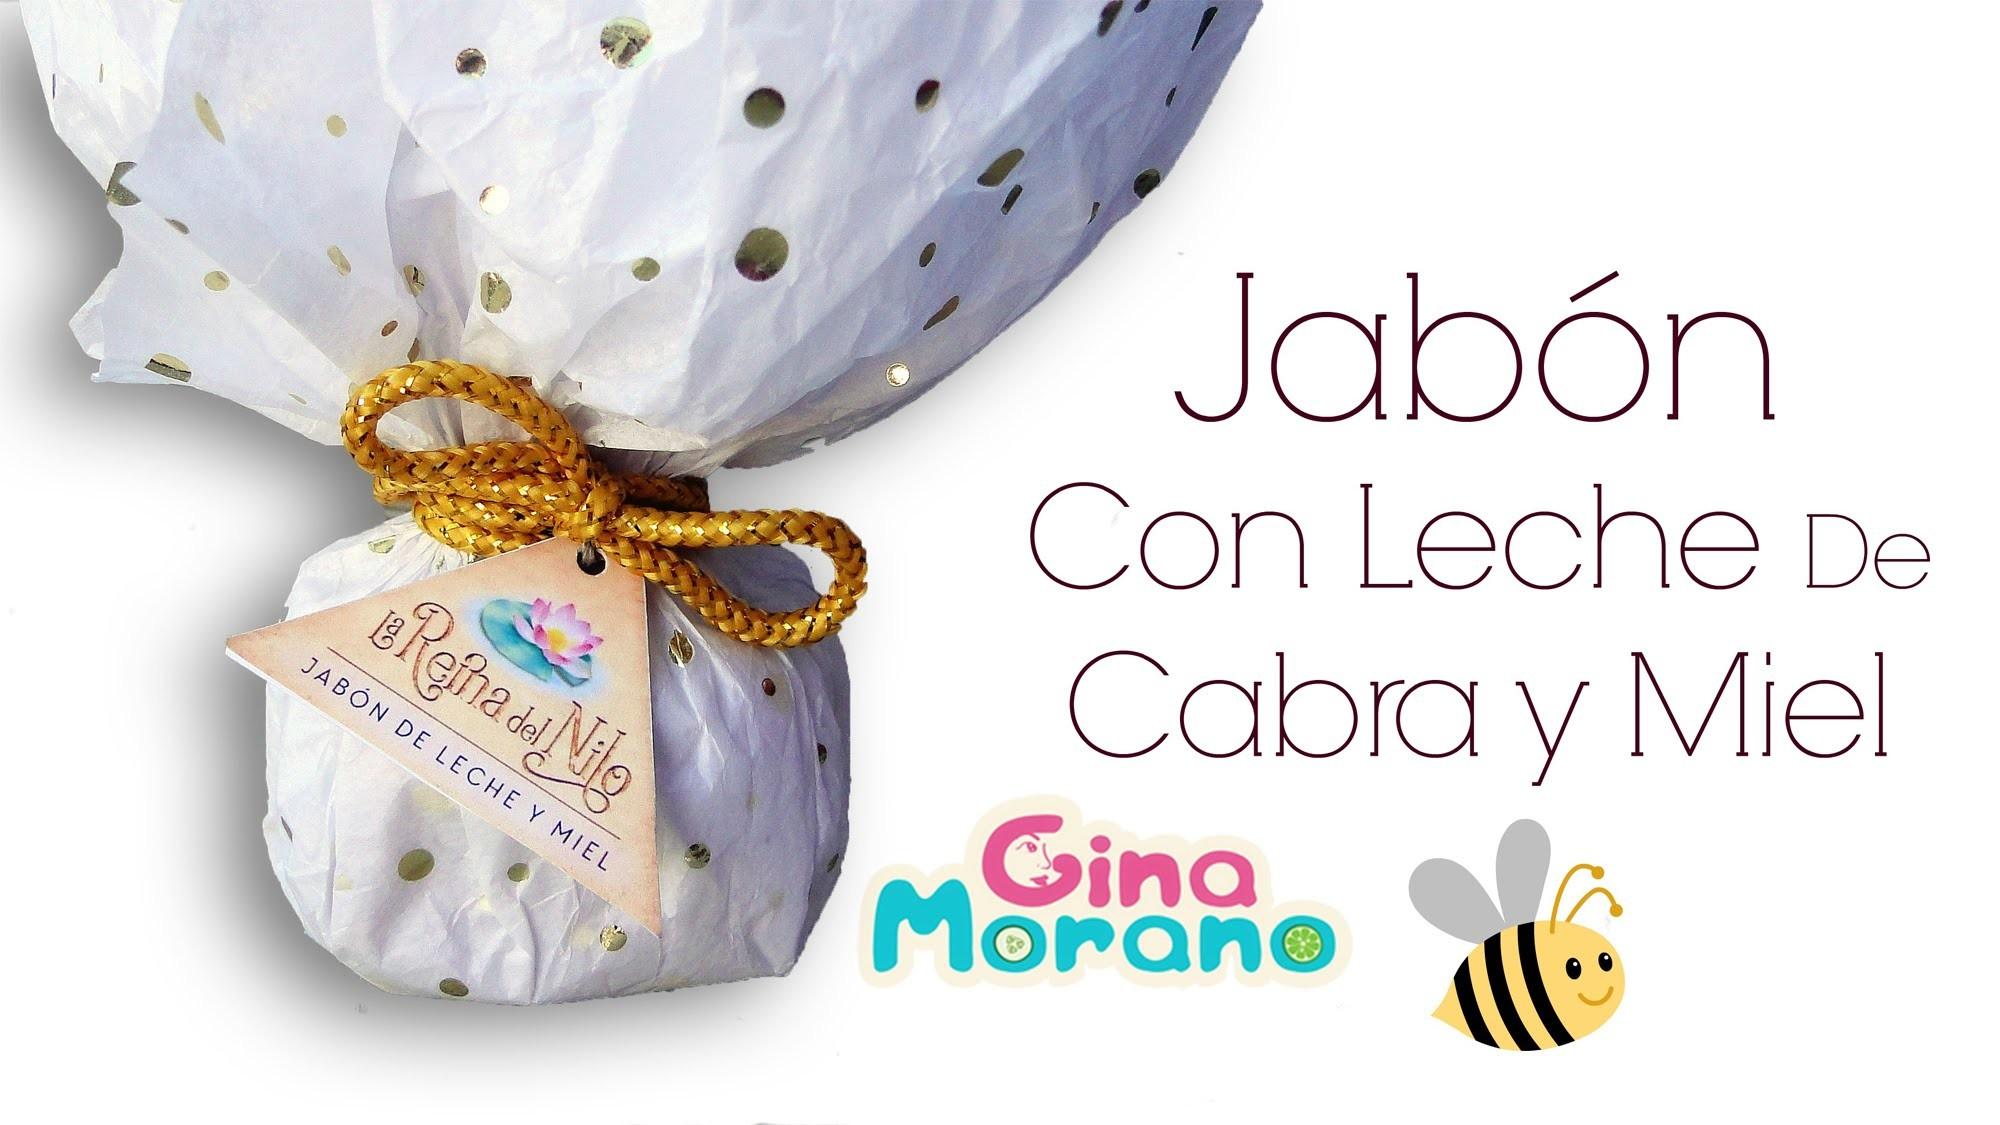 DIY Jabon con leche y miel (Kit para baño La Reina Del Nilo).